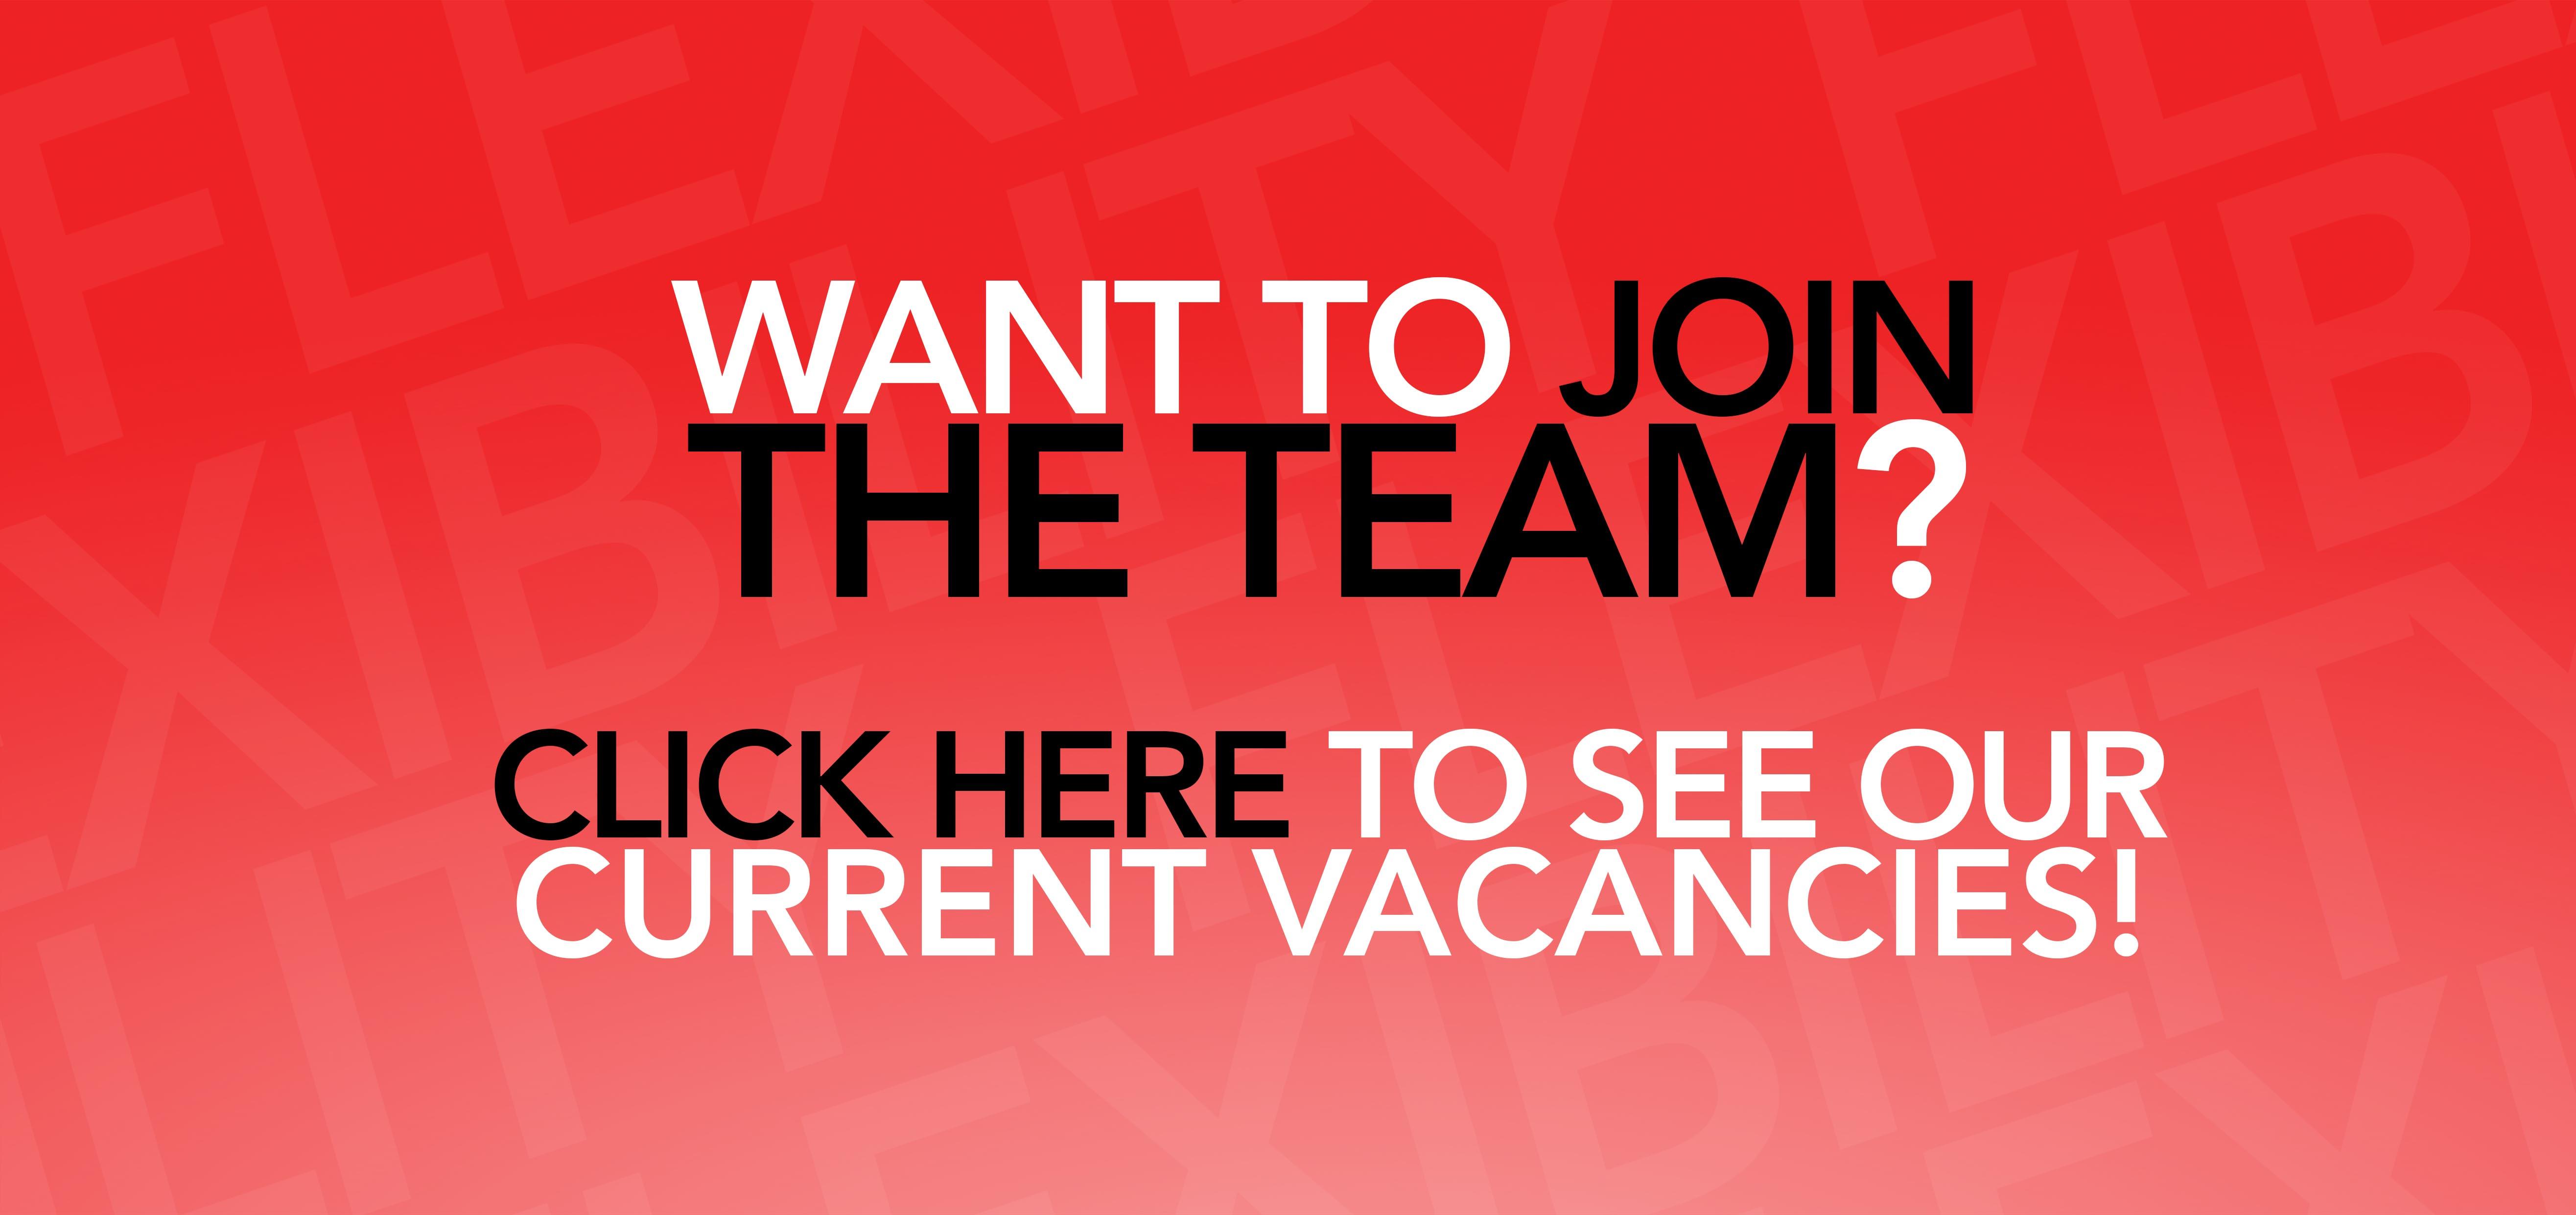 Join the team banner.jpg